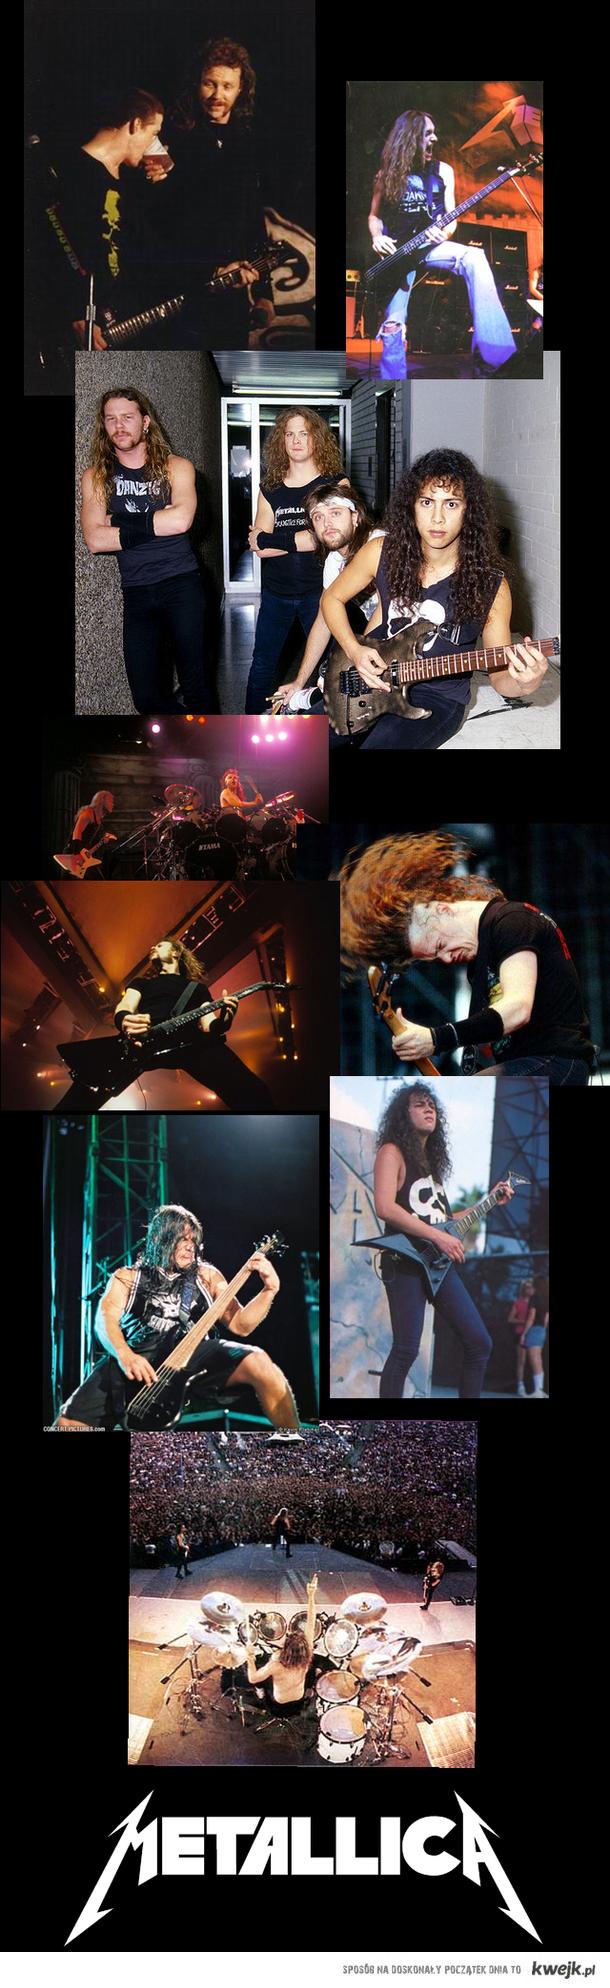 \m/ Metallica \m/